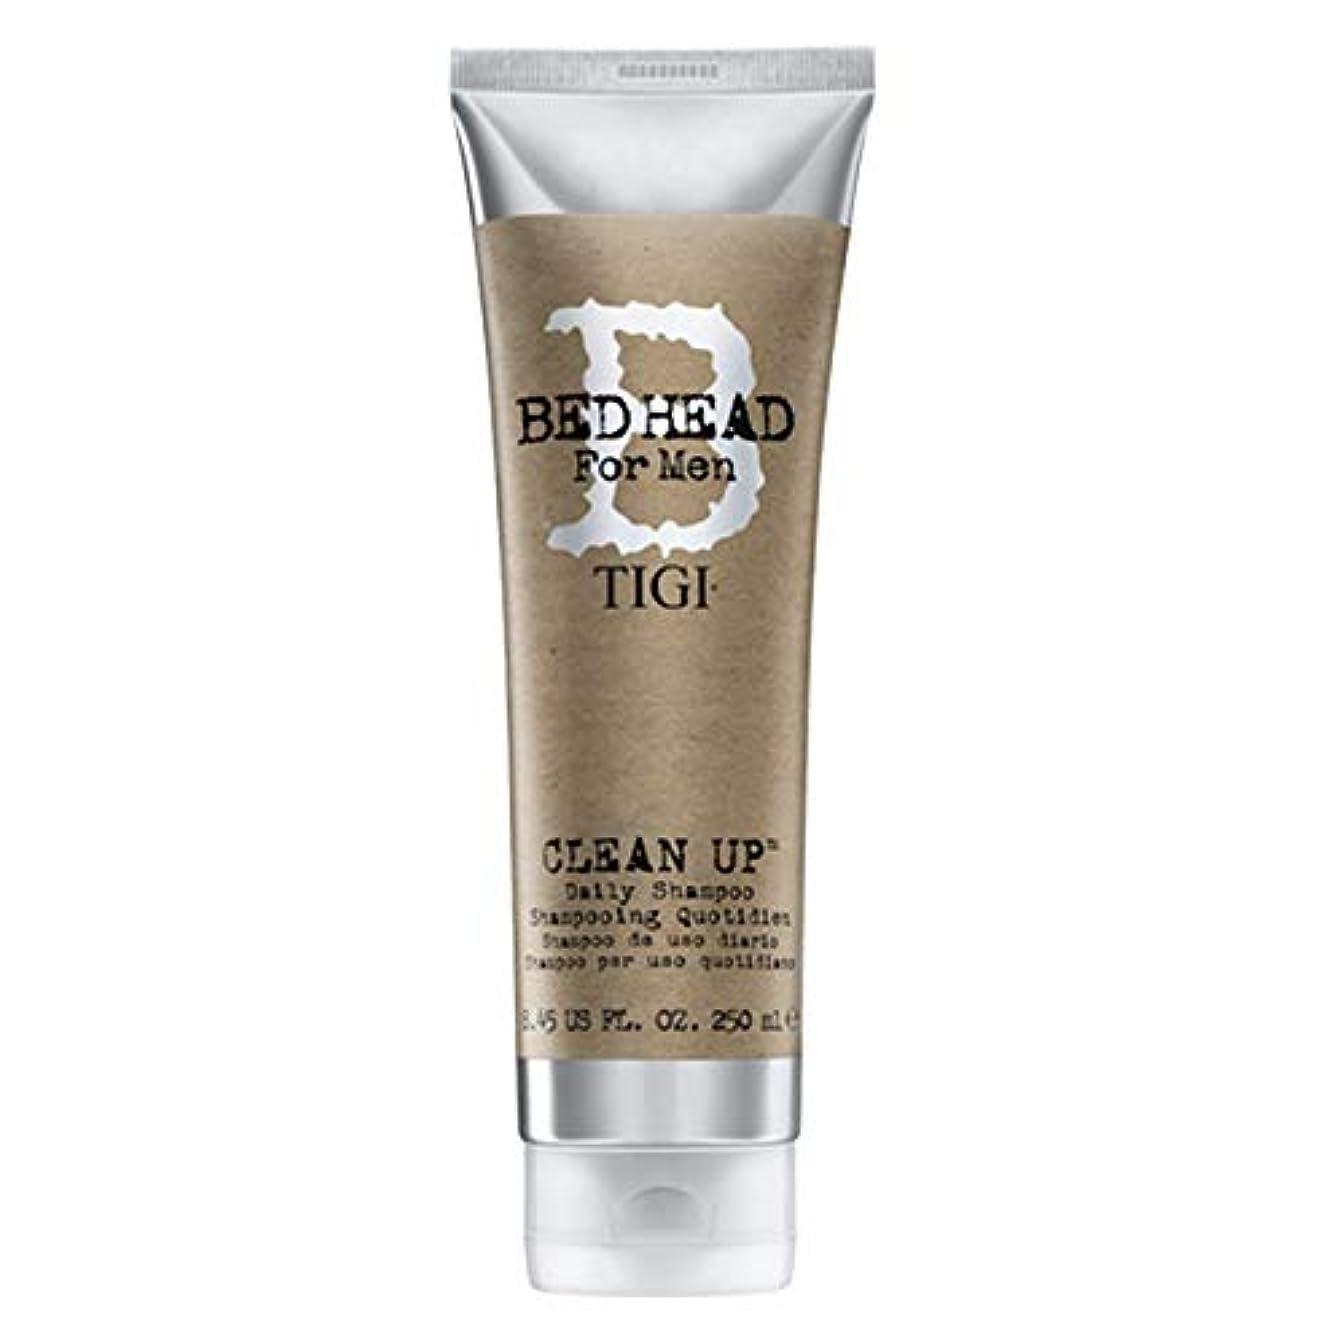 パパヘッドレスキルスティジー Bed Head B For Men Clean Up Daily Shampoo (New Packaging) 250ml/8.45oz並行輸入品